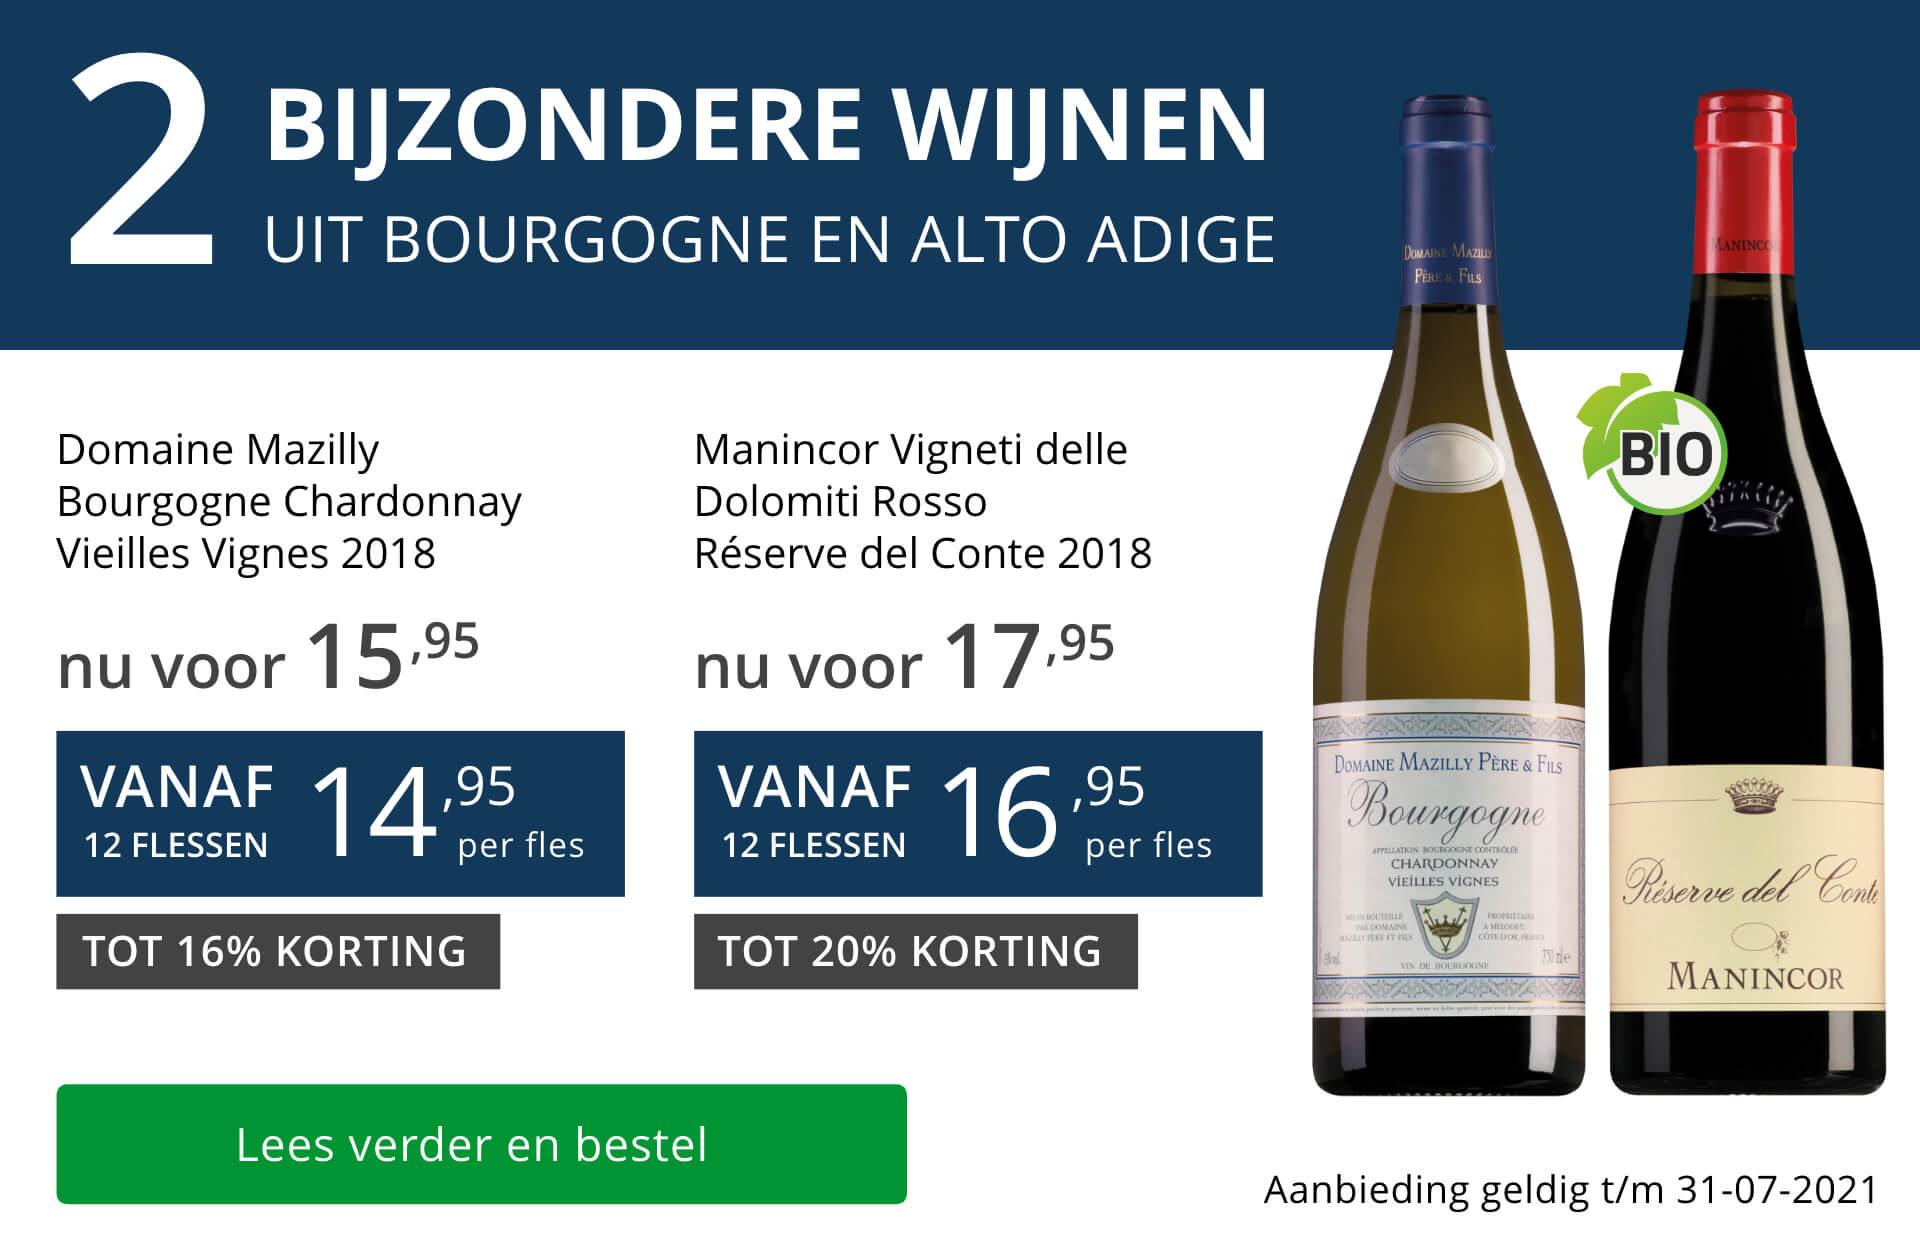 Twee bijzondere wijnen juli 2021 - blauw